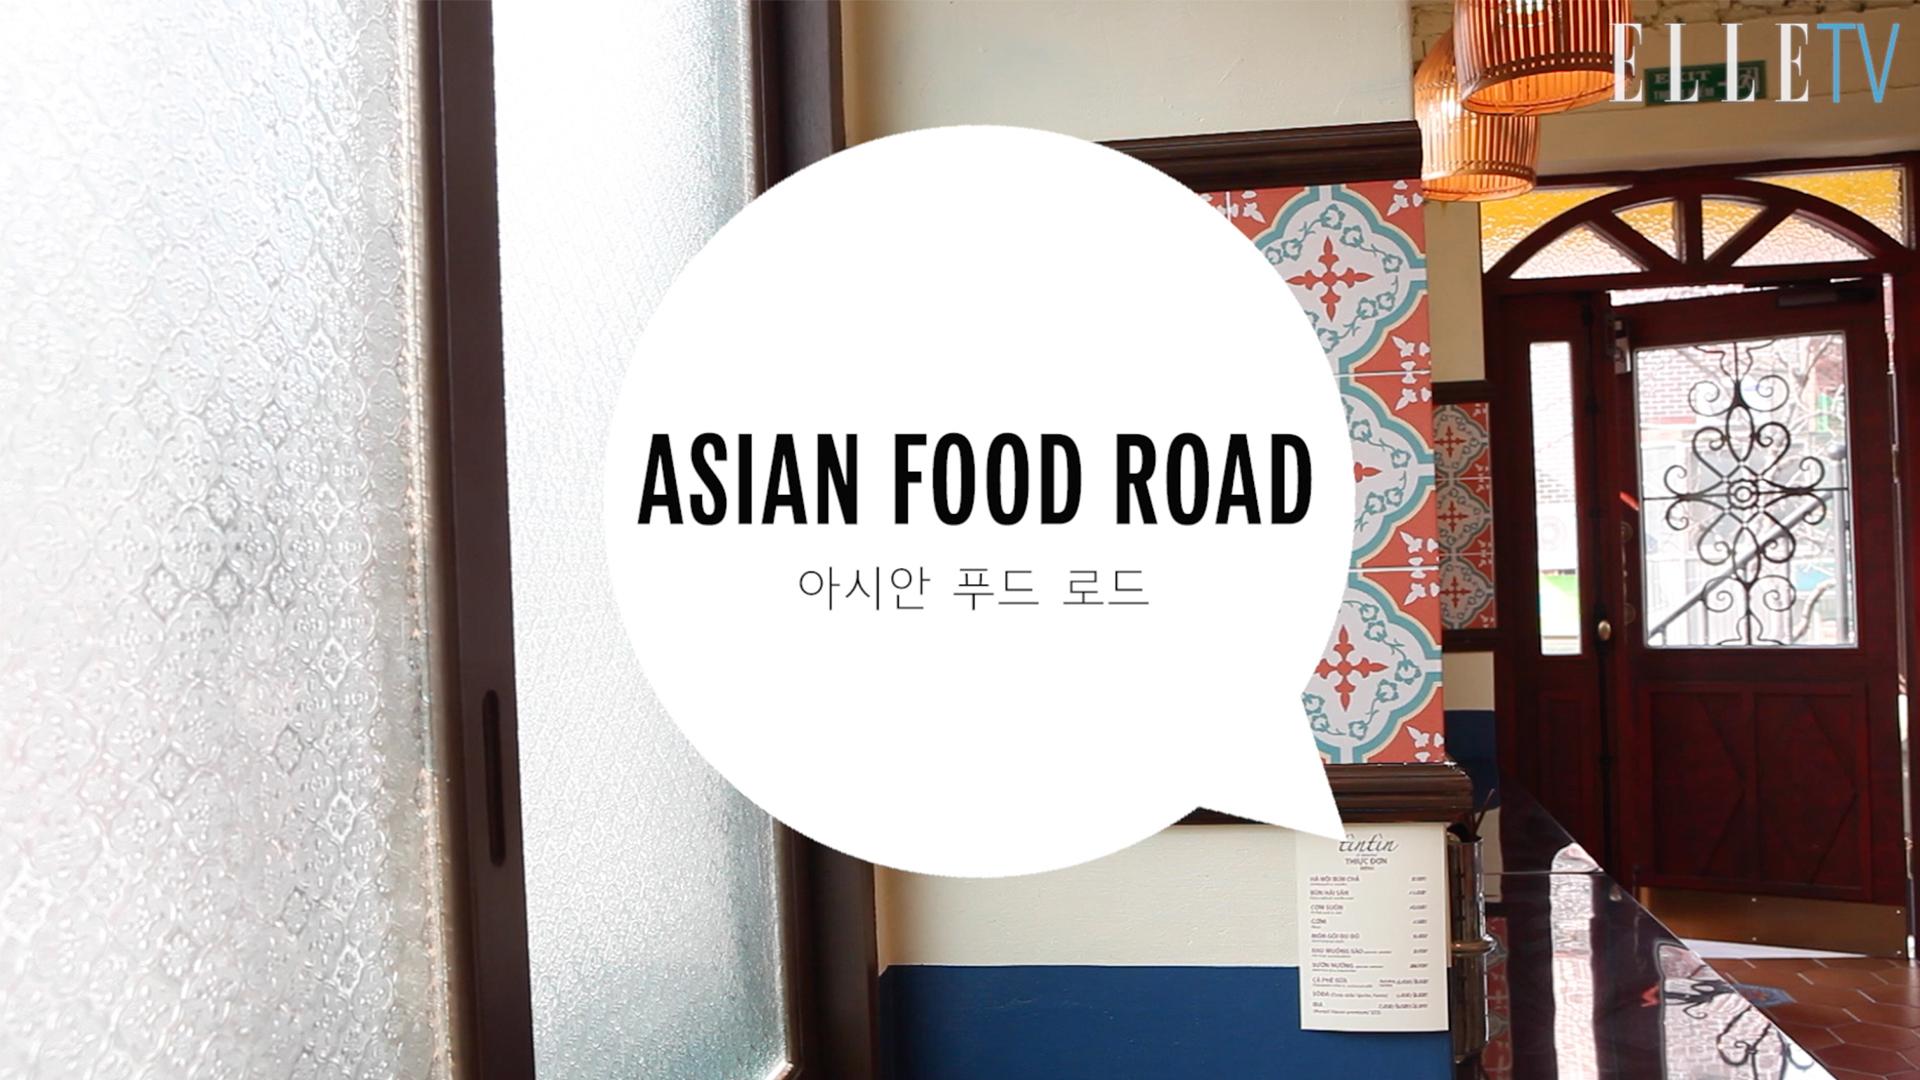 여행 생각이 간절할 때 찾으면 좋겠습니다. 이국적인 멋으로 유혹하는, 아시아의 맛을 품은 레스토랑 4곳을 찾았습니다.